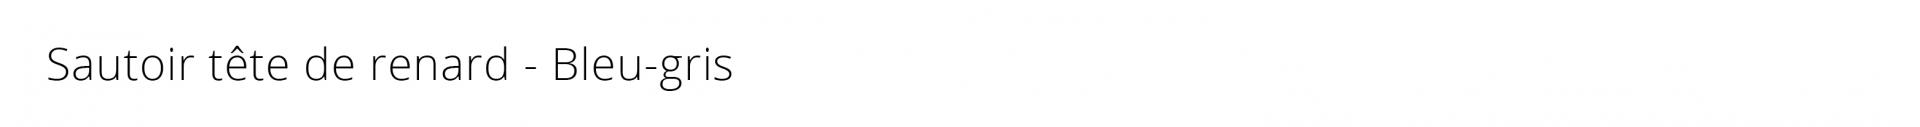 Titre sautoir renard bleu gris